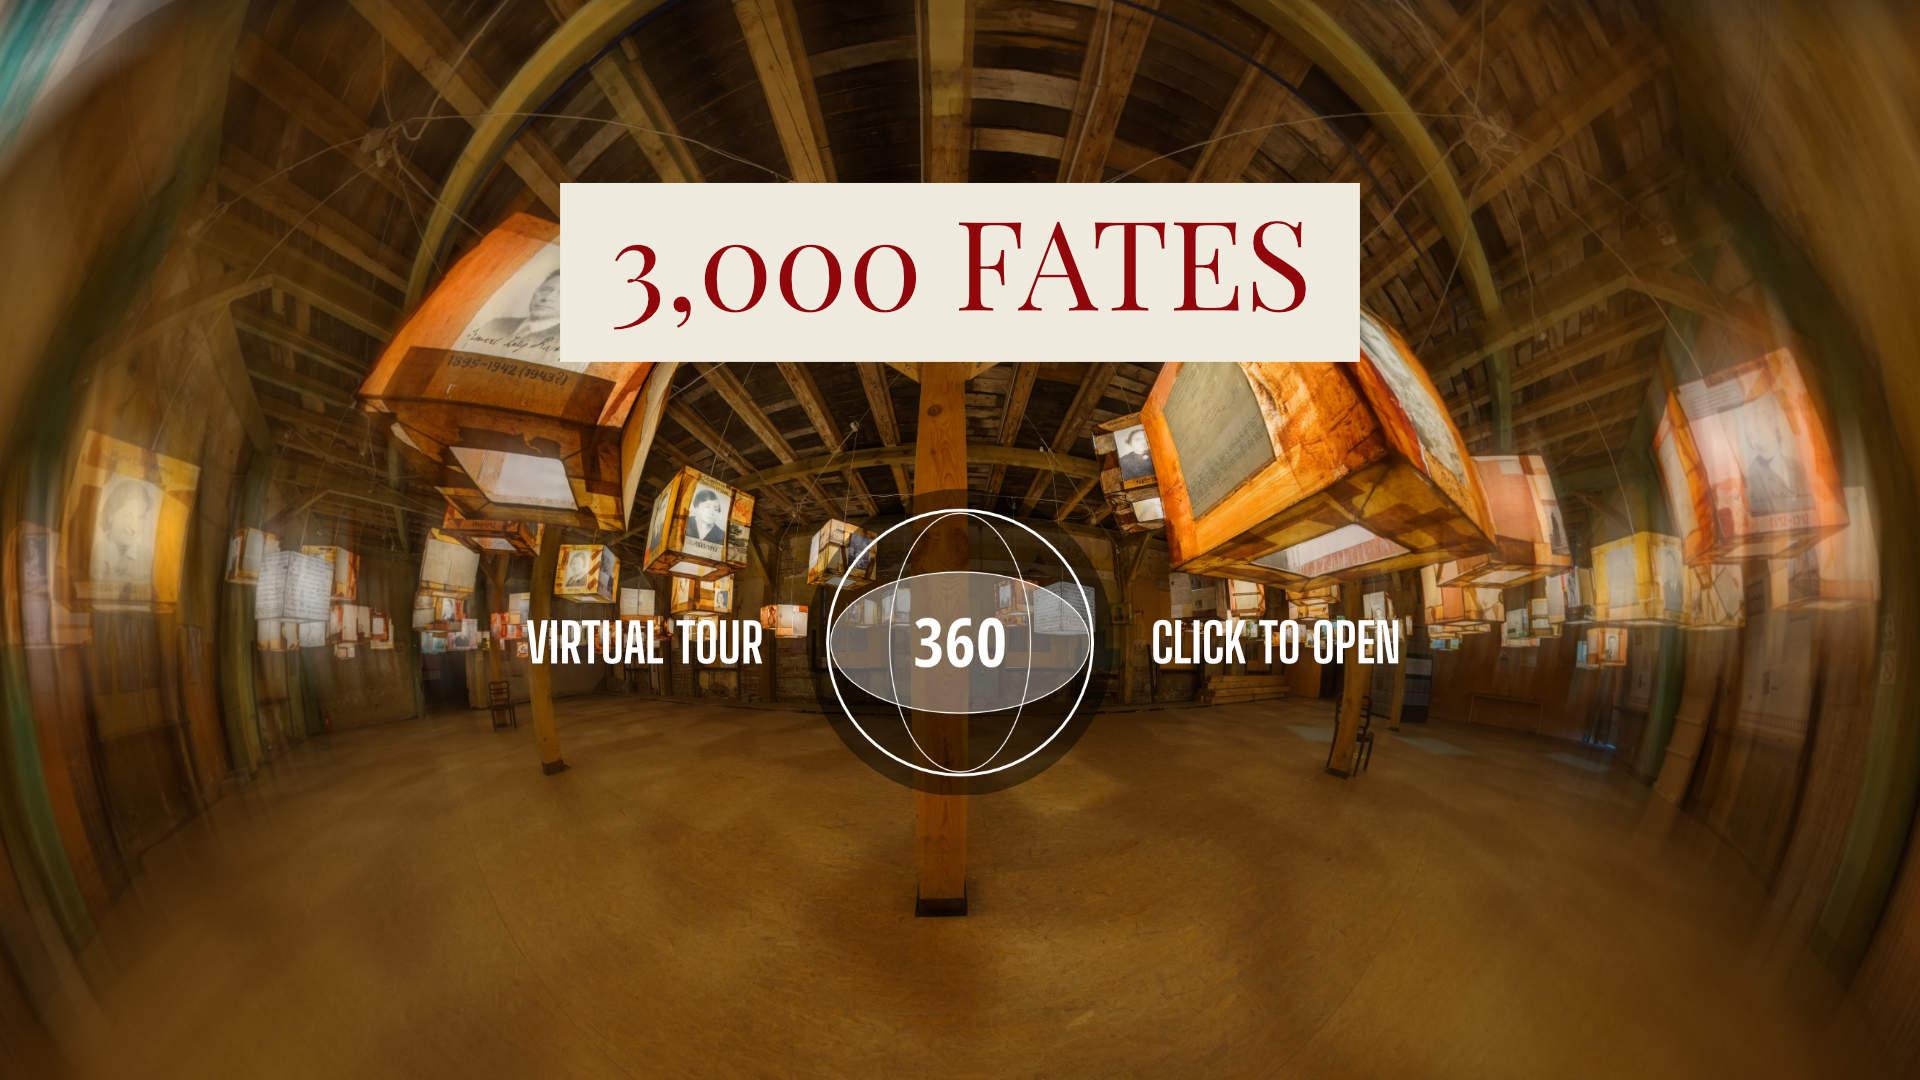 3,000 Fates